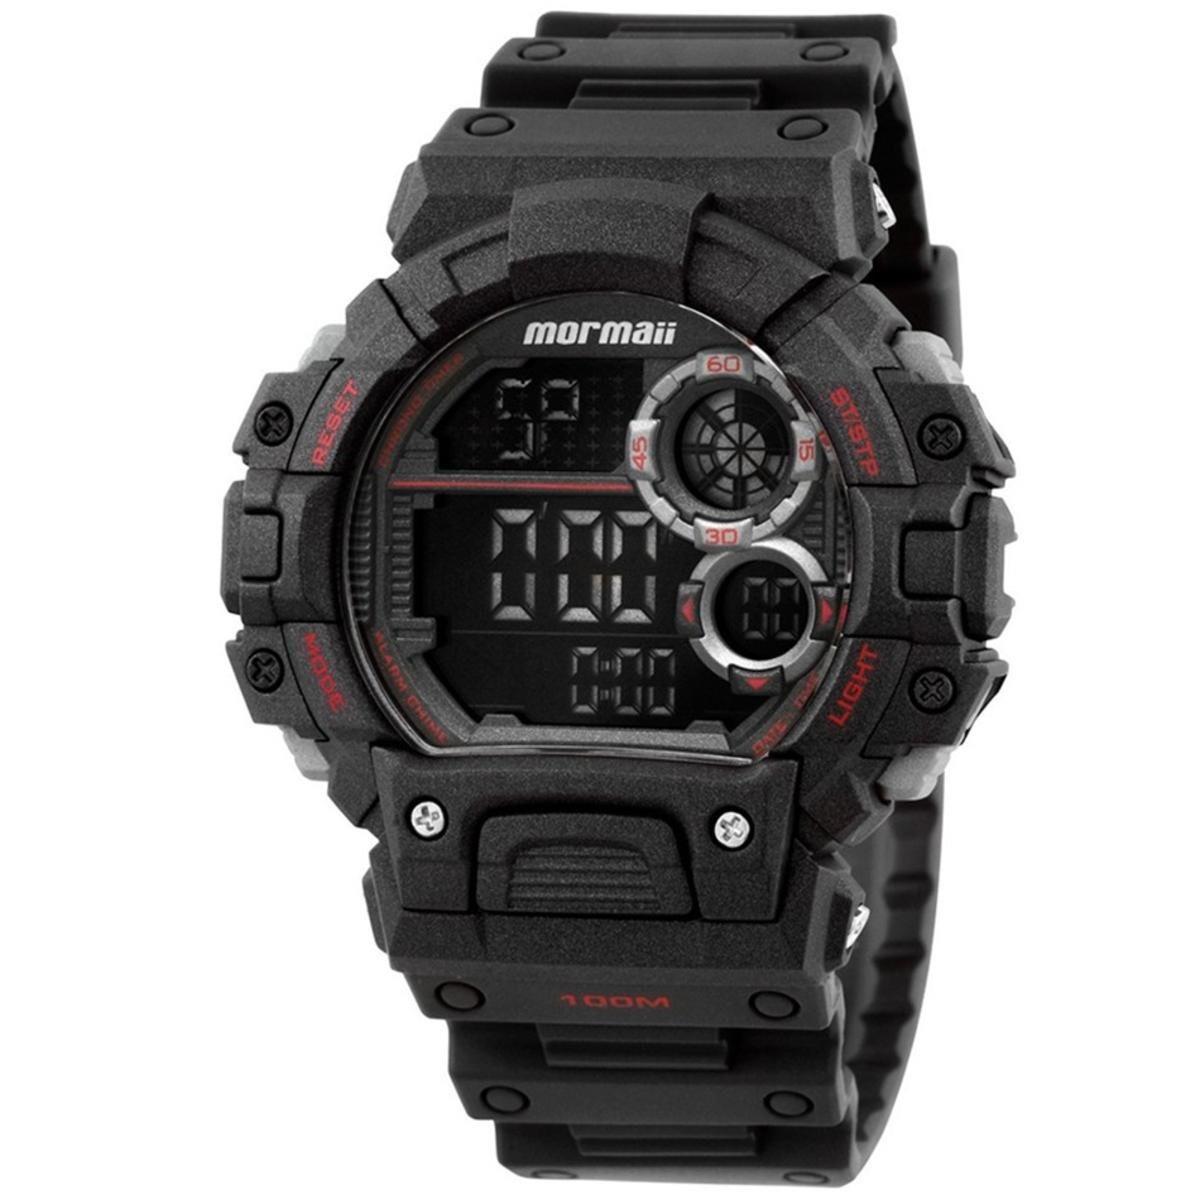 9c4f5cc9c119a Relógios Mormaii Modelo Mo879 8r Acqua Pró - R  138,00 em Mercado Livre